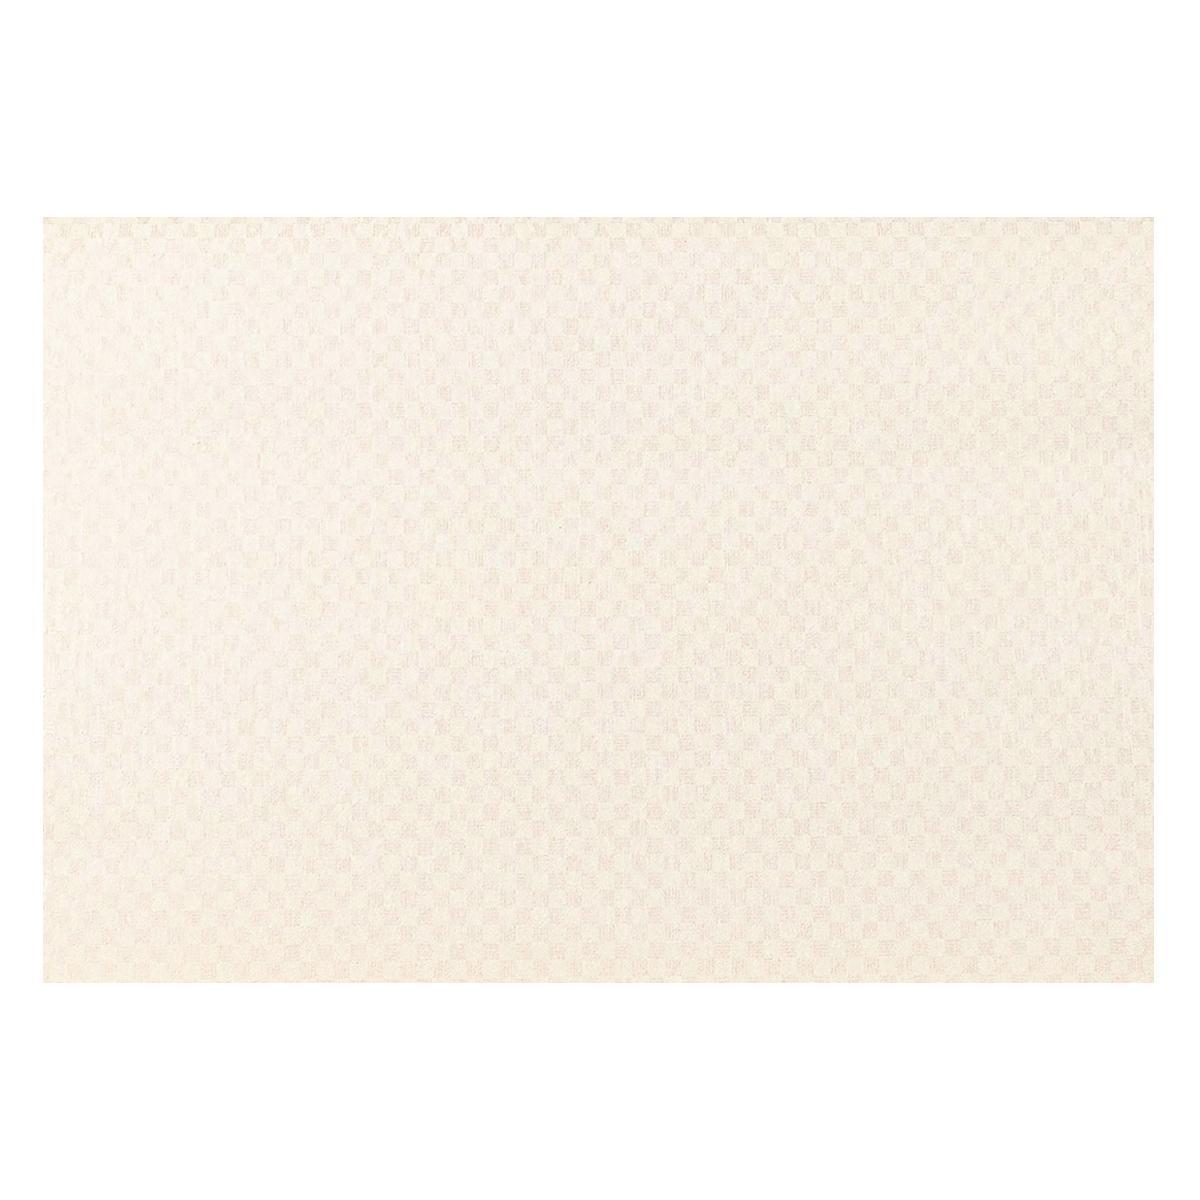 Papel Decorativo Icc Rosa Perla Mate - 53X1000 cm - 5.30 m2